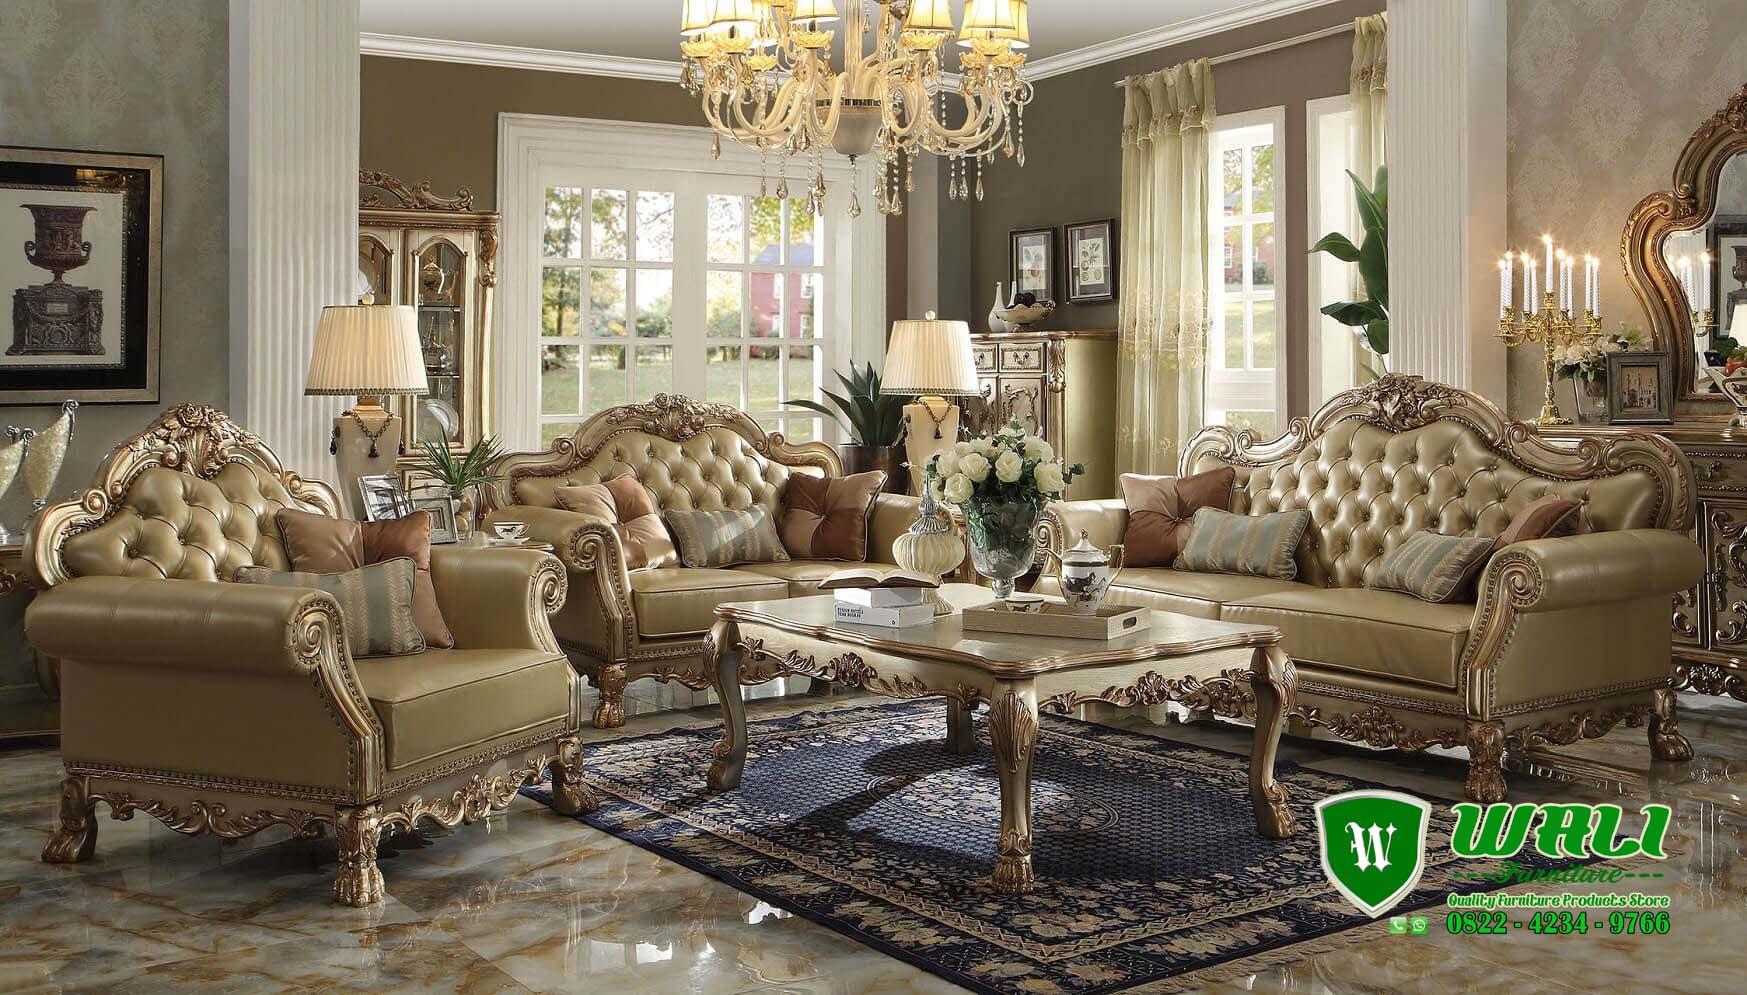 Cara Memilih Furniture Ruang Tamu, Sofa Tamu Mewah Klasik Terbaru Ukir Mebel Jepara, Set Sofa Ruang Tamu Mewah, Kursi Tamu Sofa Mewah, Kursi Tamu Kayu Mewah, Sofa Tamu Warna Elegan, Sofa Ukiran, Sofa Tamu Mewah 221, Model Sofa Tamu, Desain Sofa Tamu, Sofa Tamu Model Eropa, Sofa Tamu Model Italian, Contoh Ruang Tamu Mewah, Gambar Ruang Tamu Mewah, Desain Ruang Tamu Eropa, Jual Sofa Tamu Mewah Klasik, Harga Sofa Tamu Mewah Klasik, Katalog Produk Sofa Ruang Tamu, Mebel Ukir, Wali Furniture